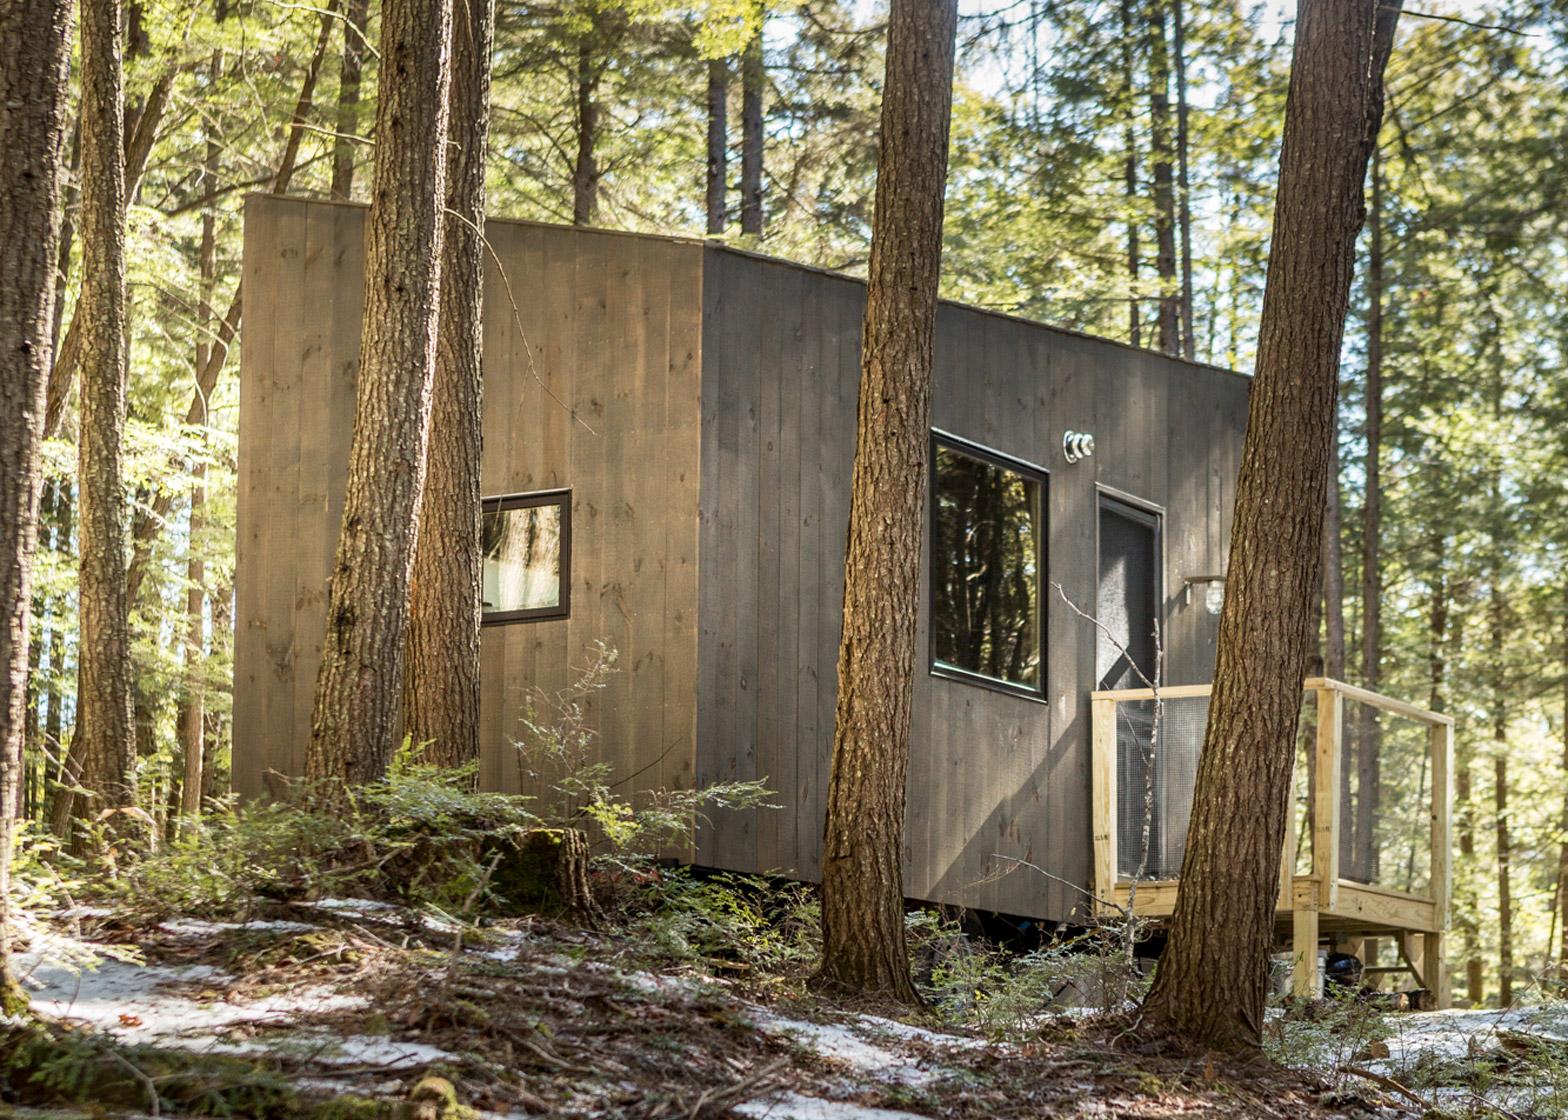 Vakantiehuisje in het bos inspiraties for Vakantiehuisje bos